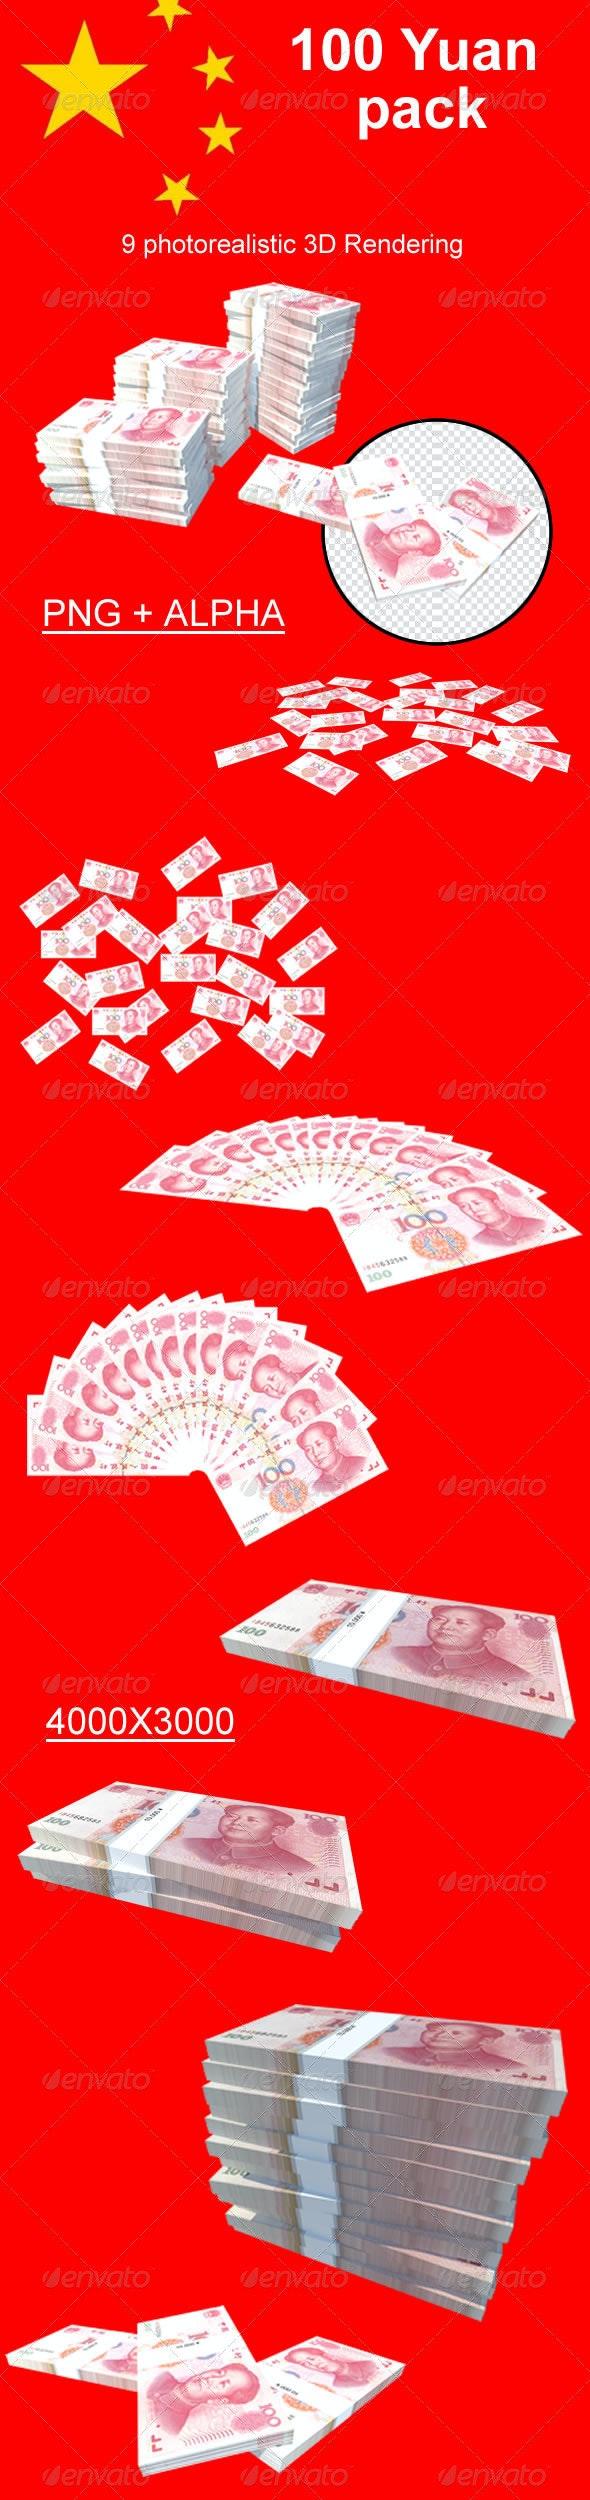 100 Yuan // Pack - 3D Renders Graphics